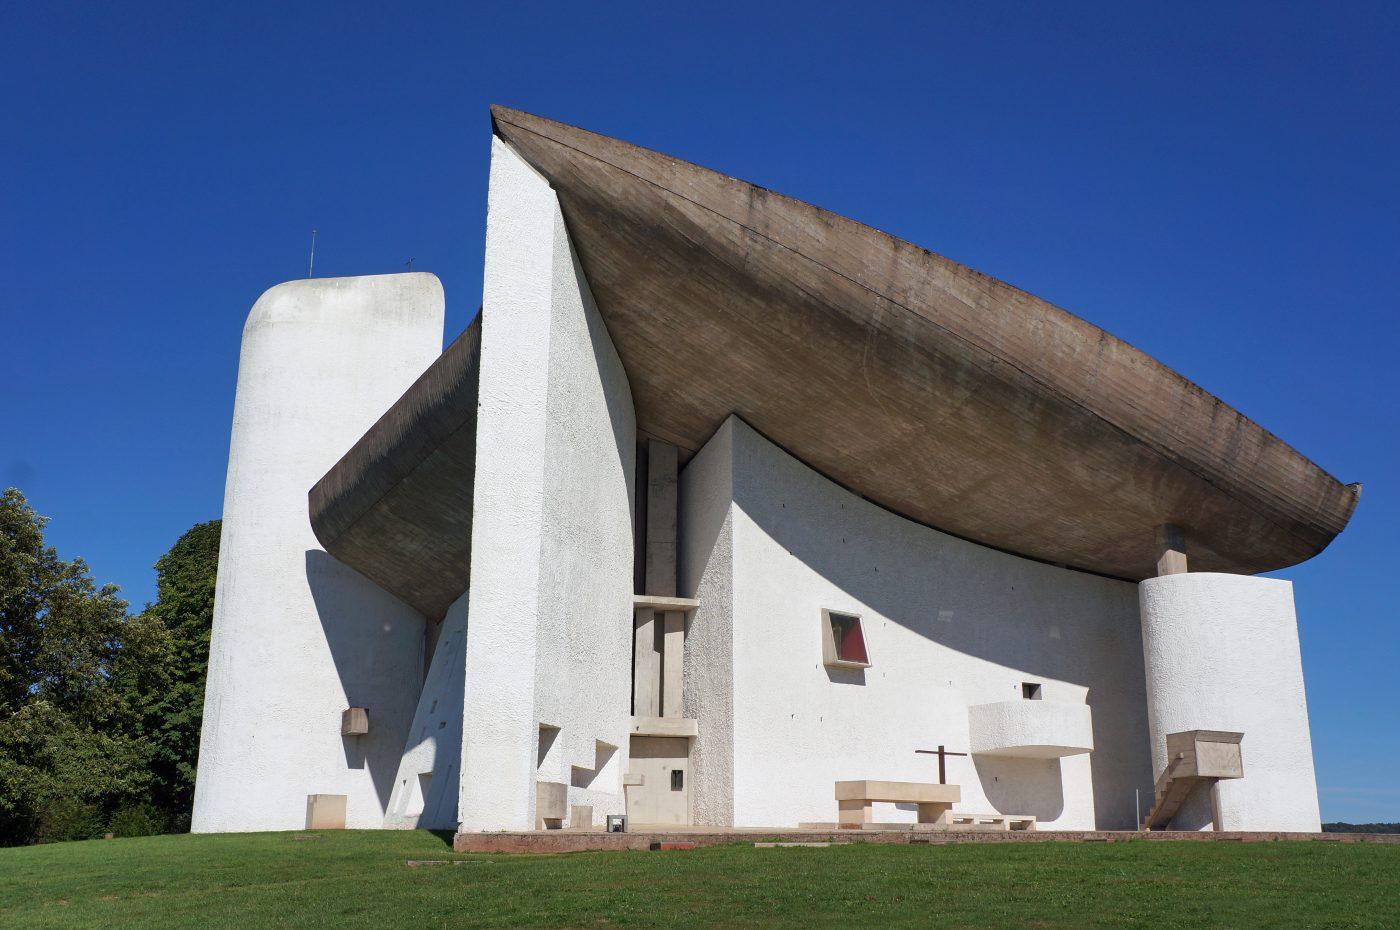 Chapelle Notre-Dame-du-Haut sur la Commune de Ronchamp (70), architecte Le Corbusier